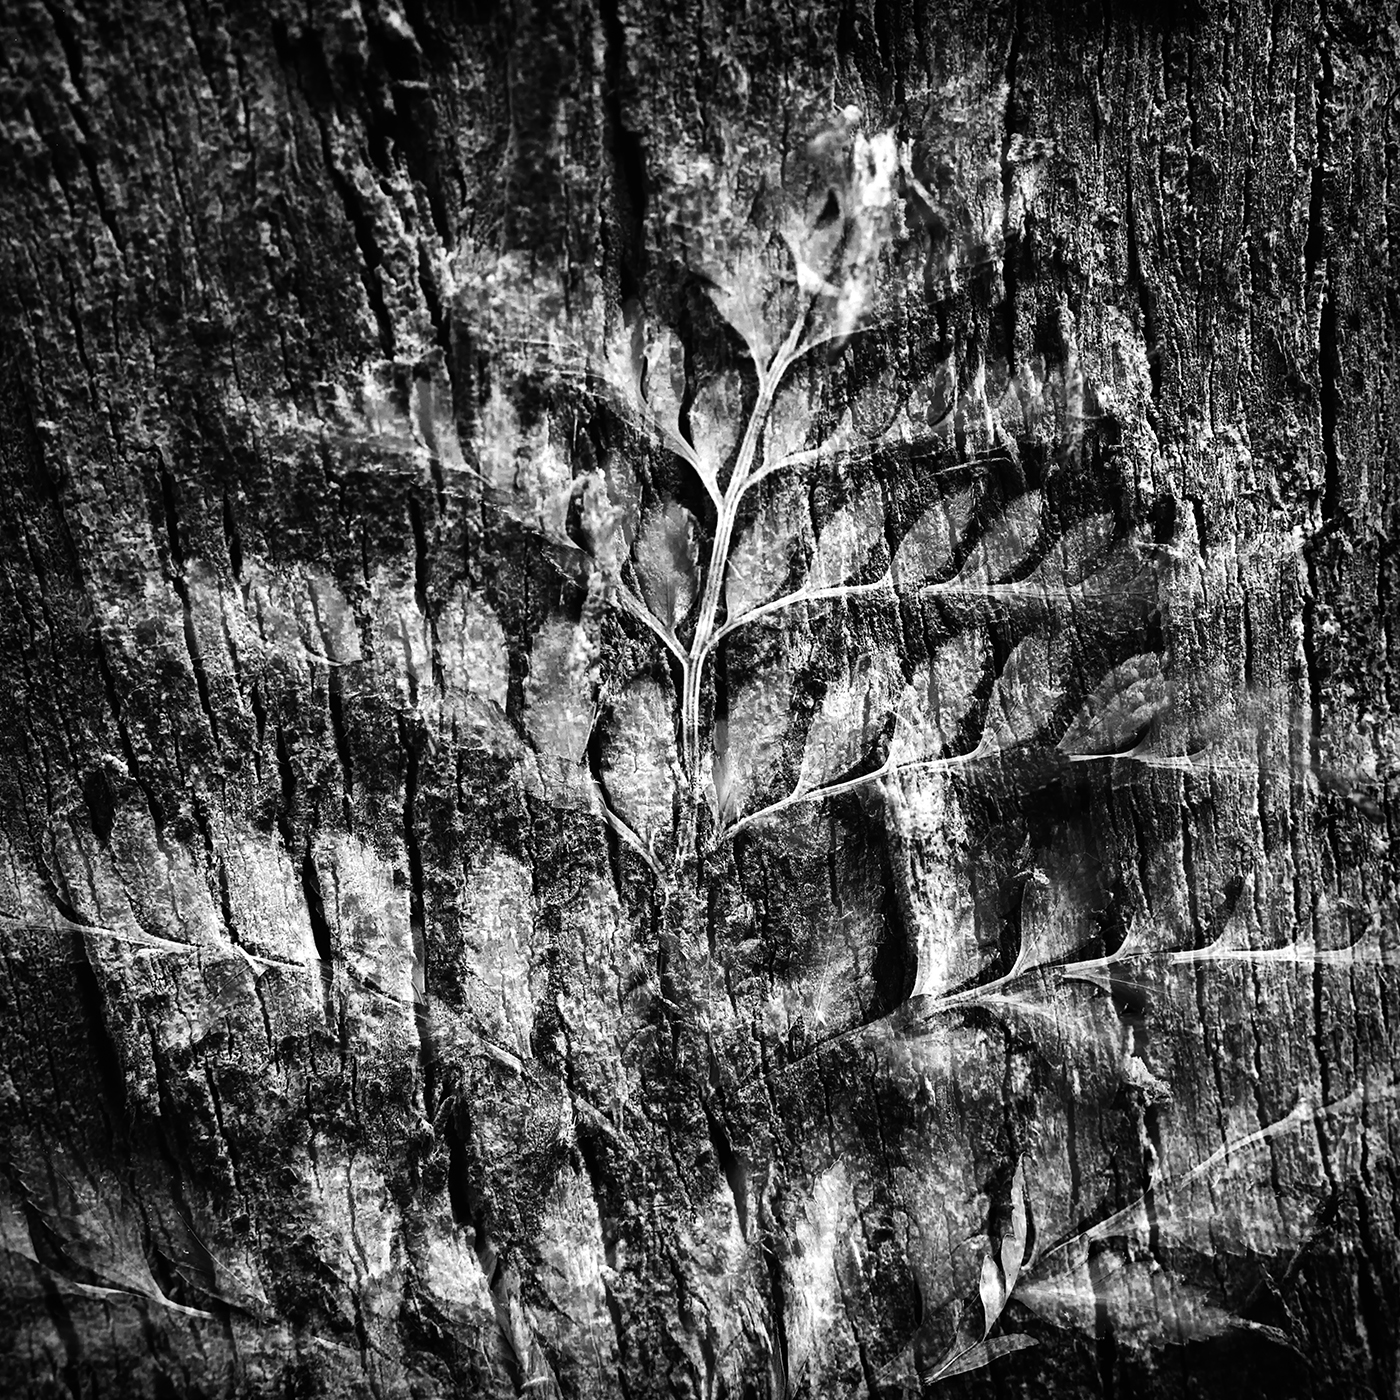 Fern over tree bark